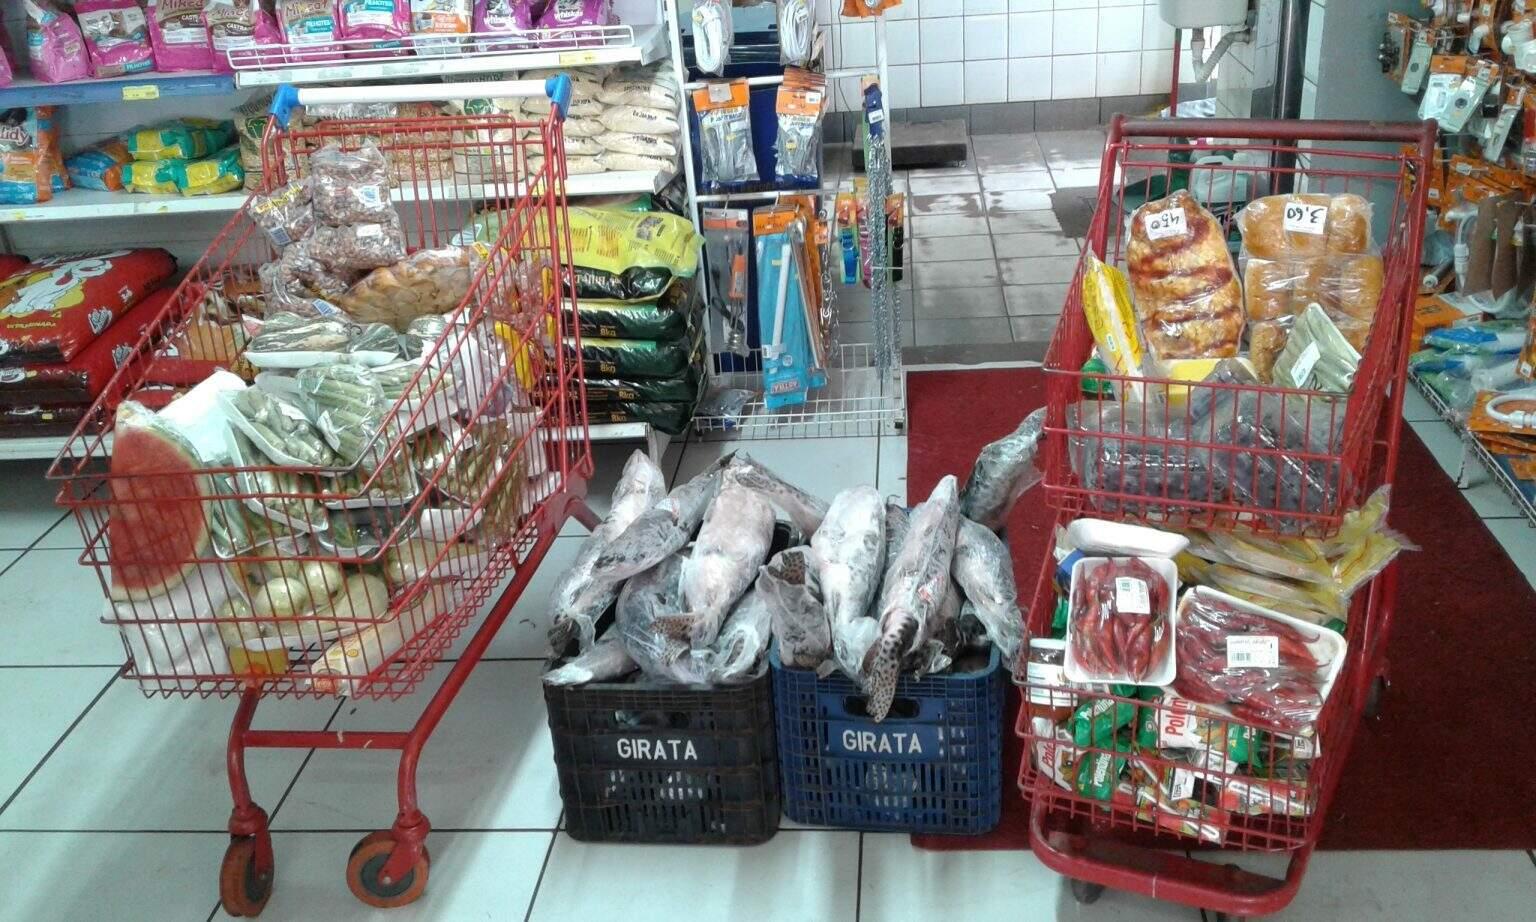 Dois carrinhos cheio de marcadorias e mais duas caixas com produtos vencidos foram apreendidos pelo Procon. (Foto: Divulgação/Procon)